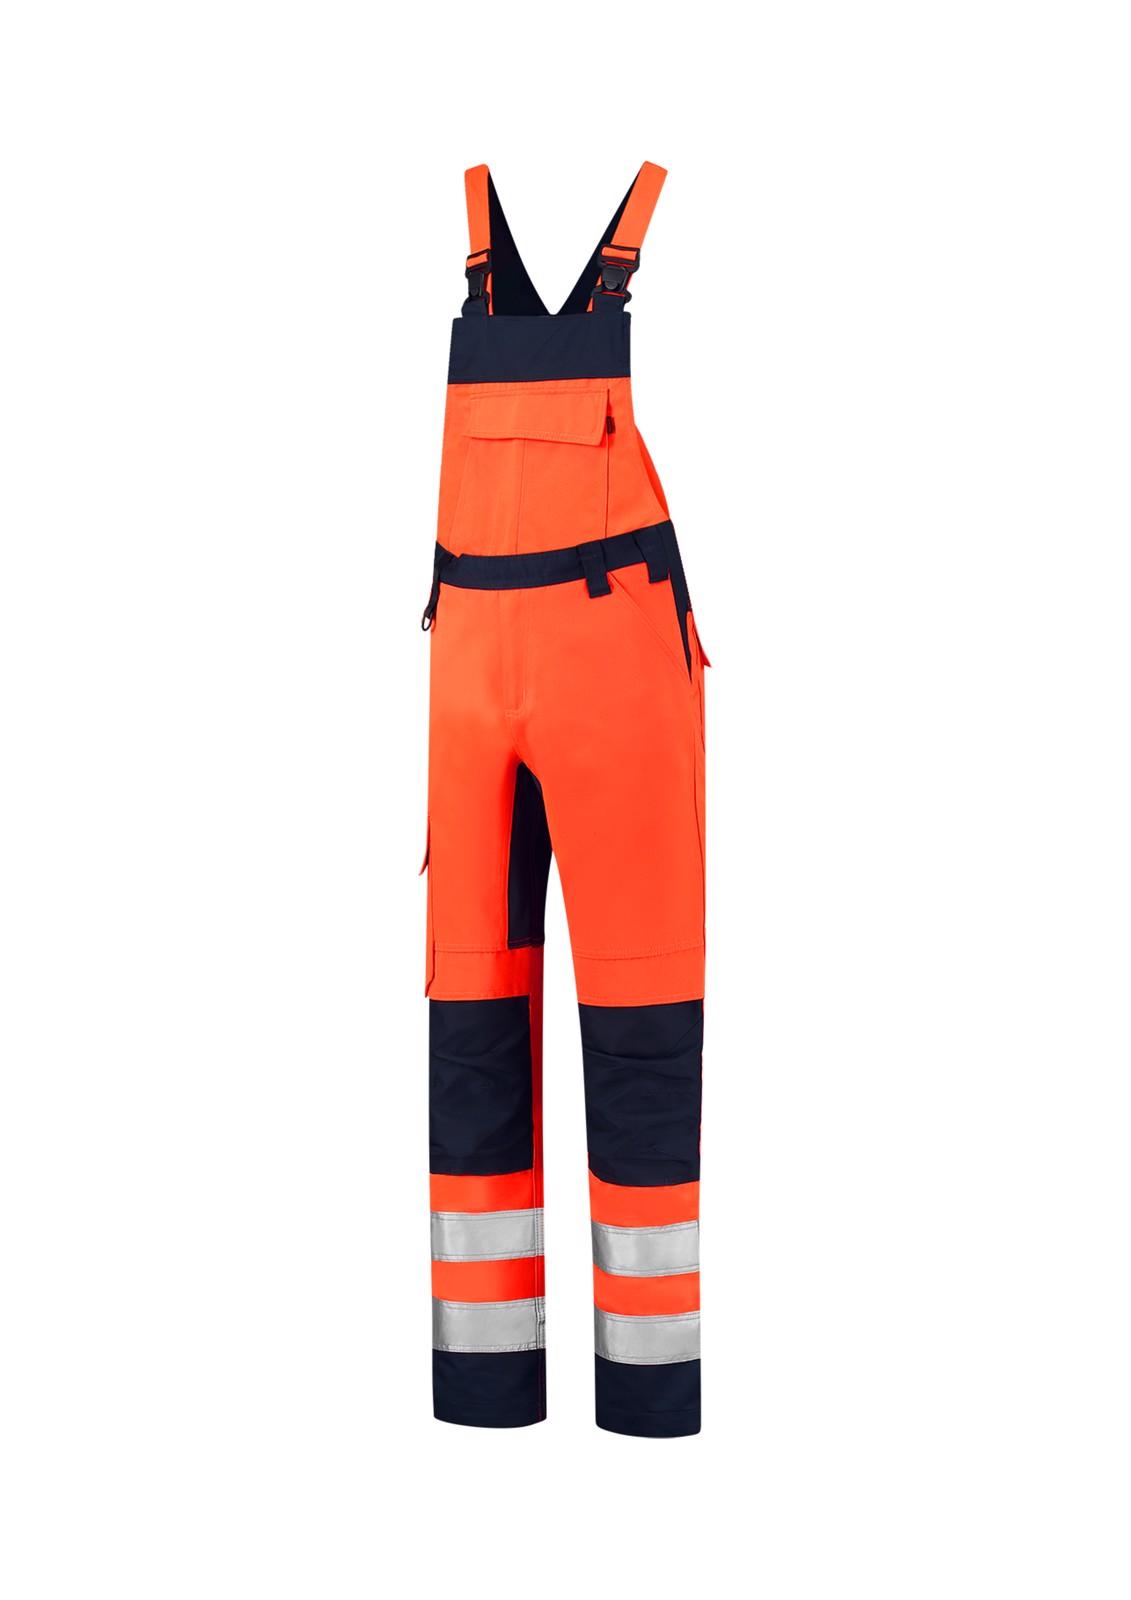 Pracovní kalhoty s laclem unisex Tricorp Bib & Brace High Vis Bicolor - Fluorescenční Oranžová / 56